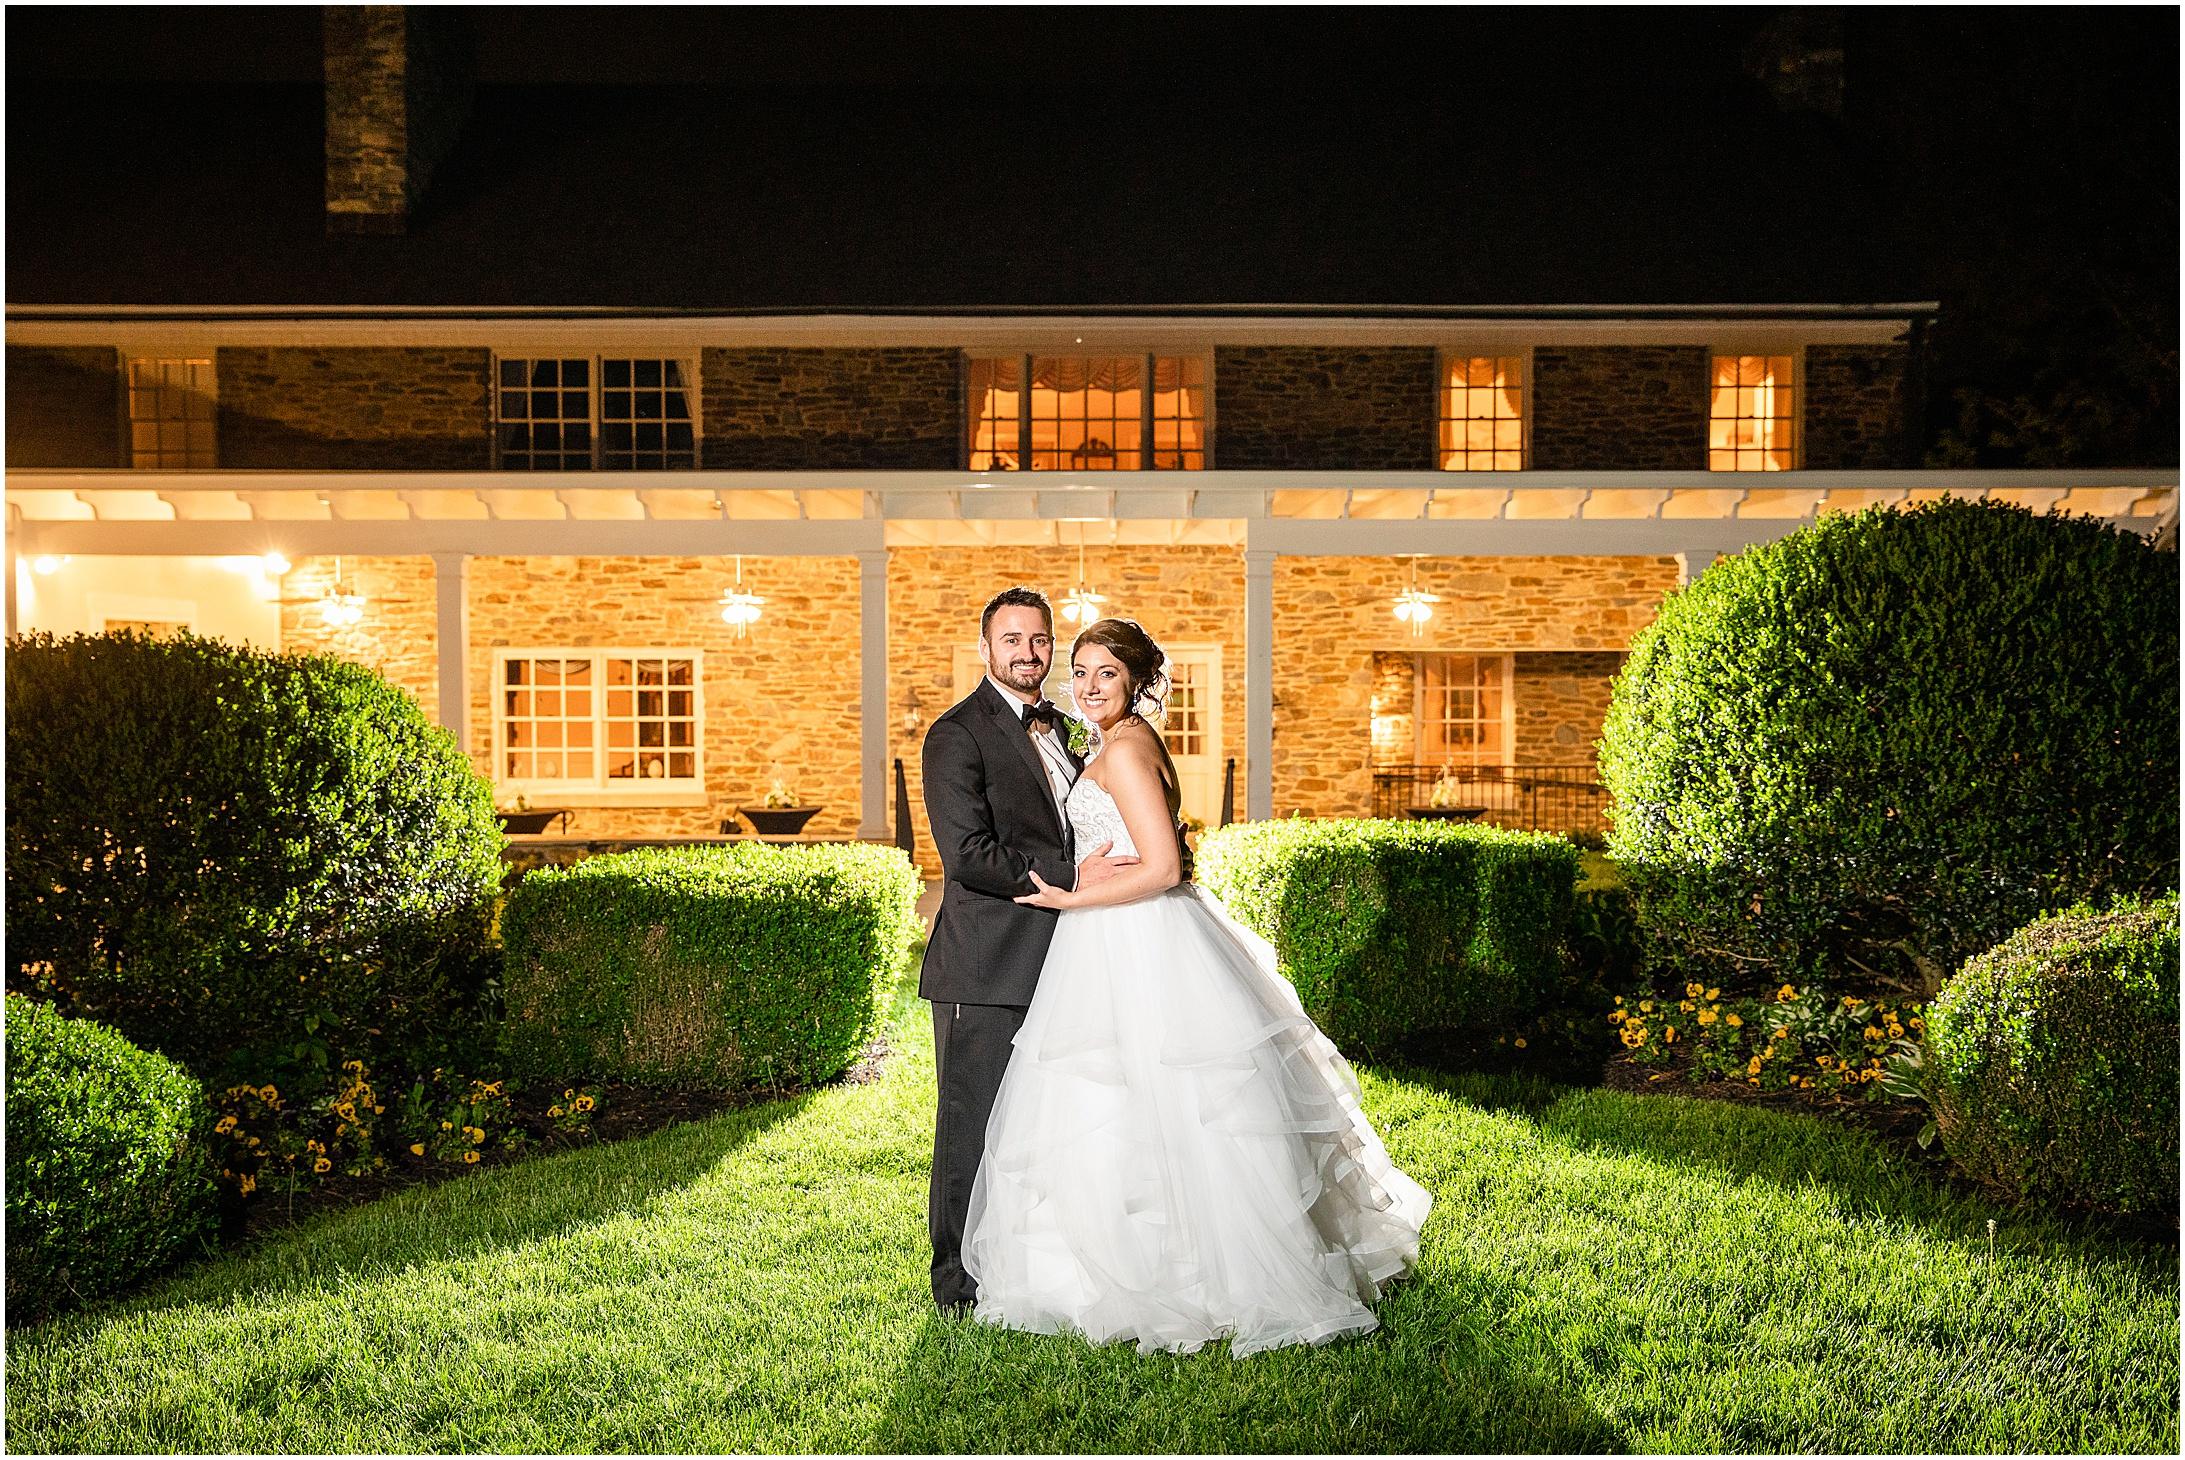 Stone-manor-country-club-wedding-photos-175.jpg